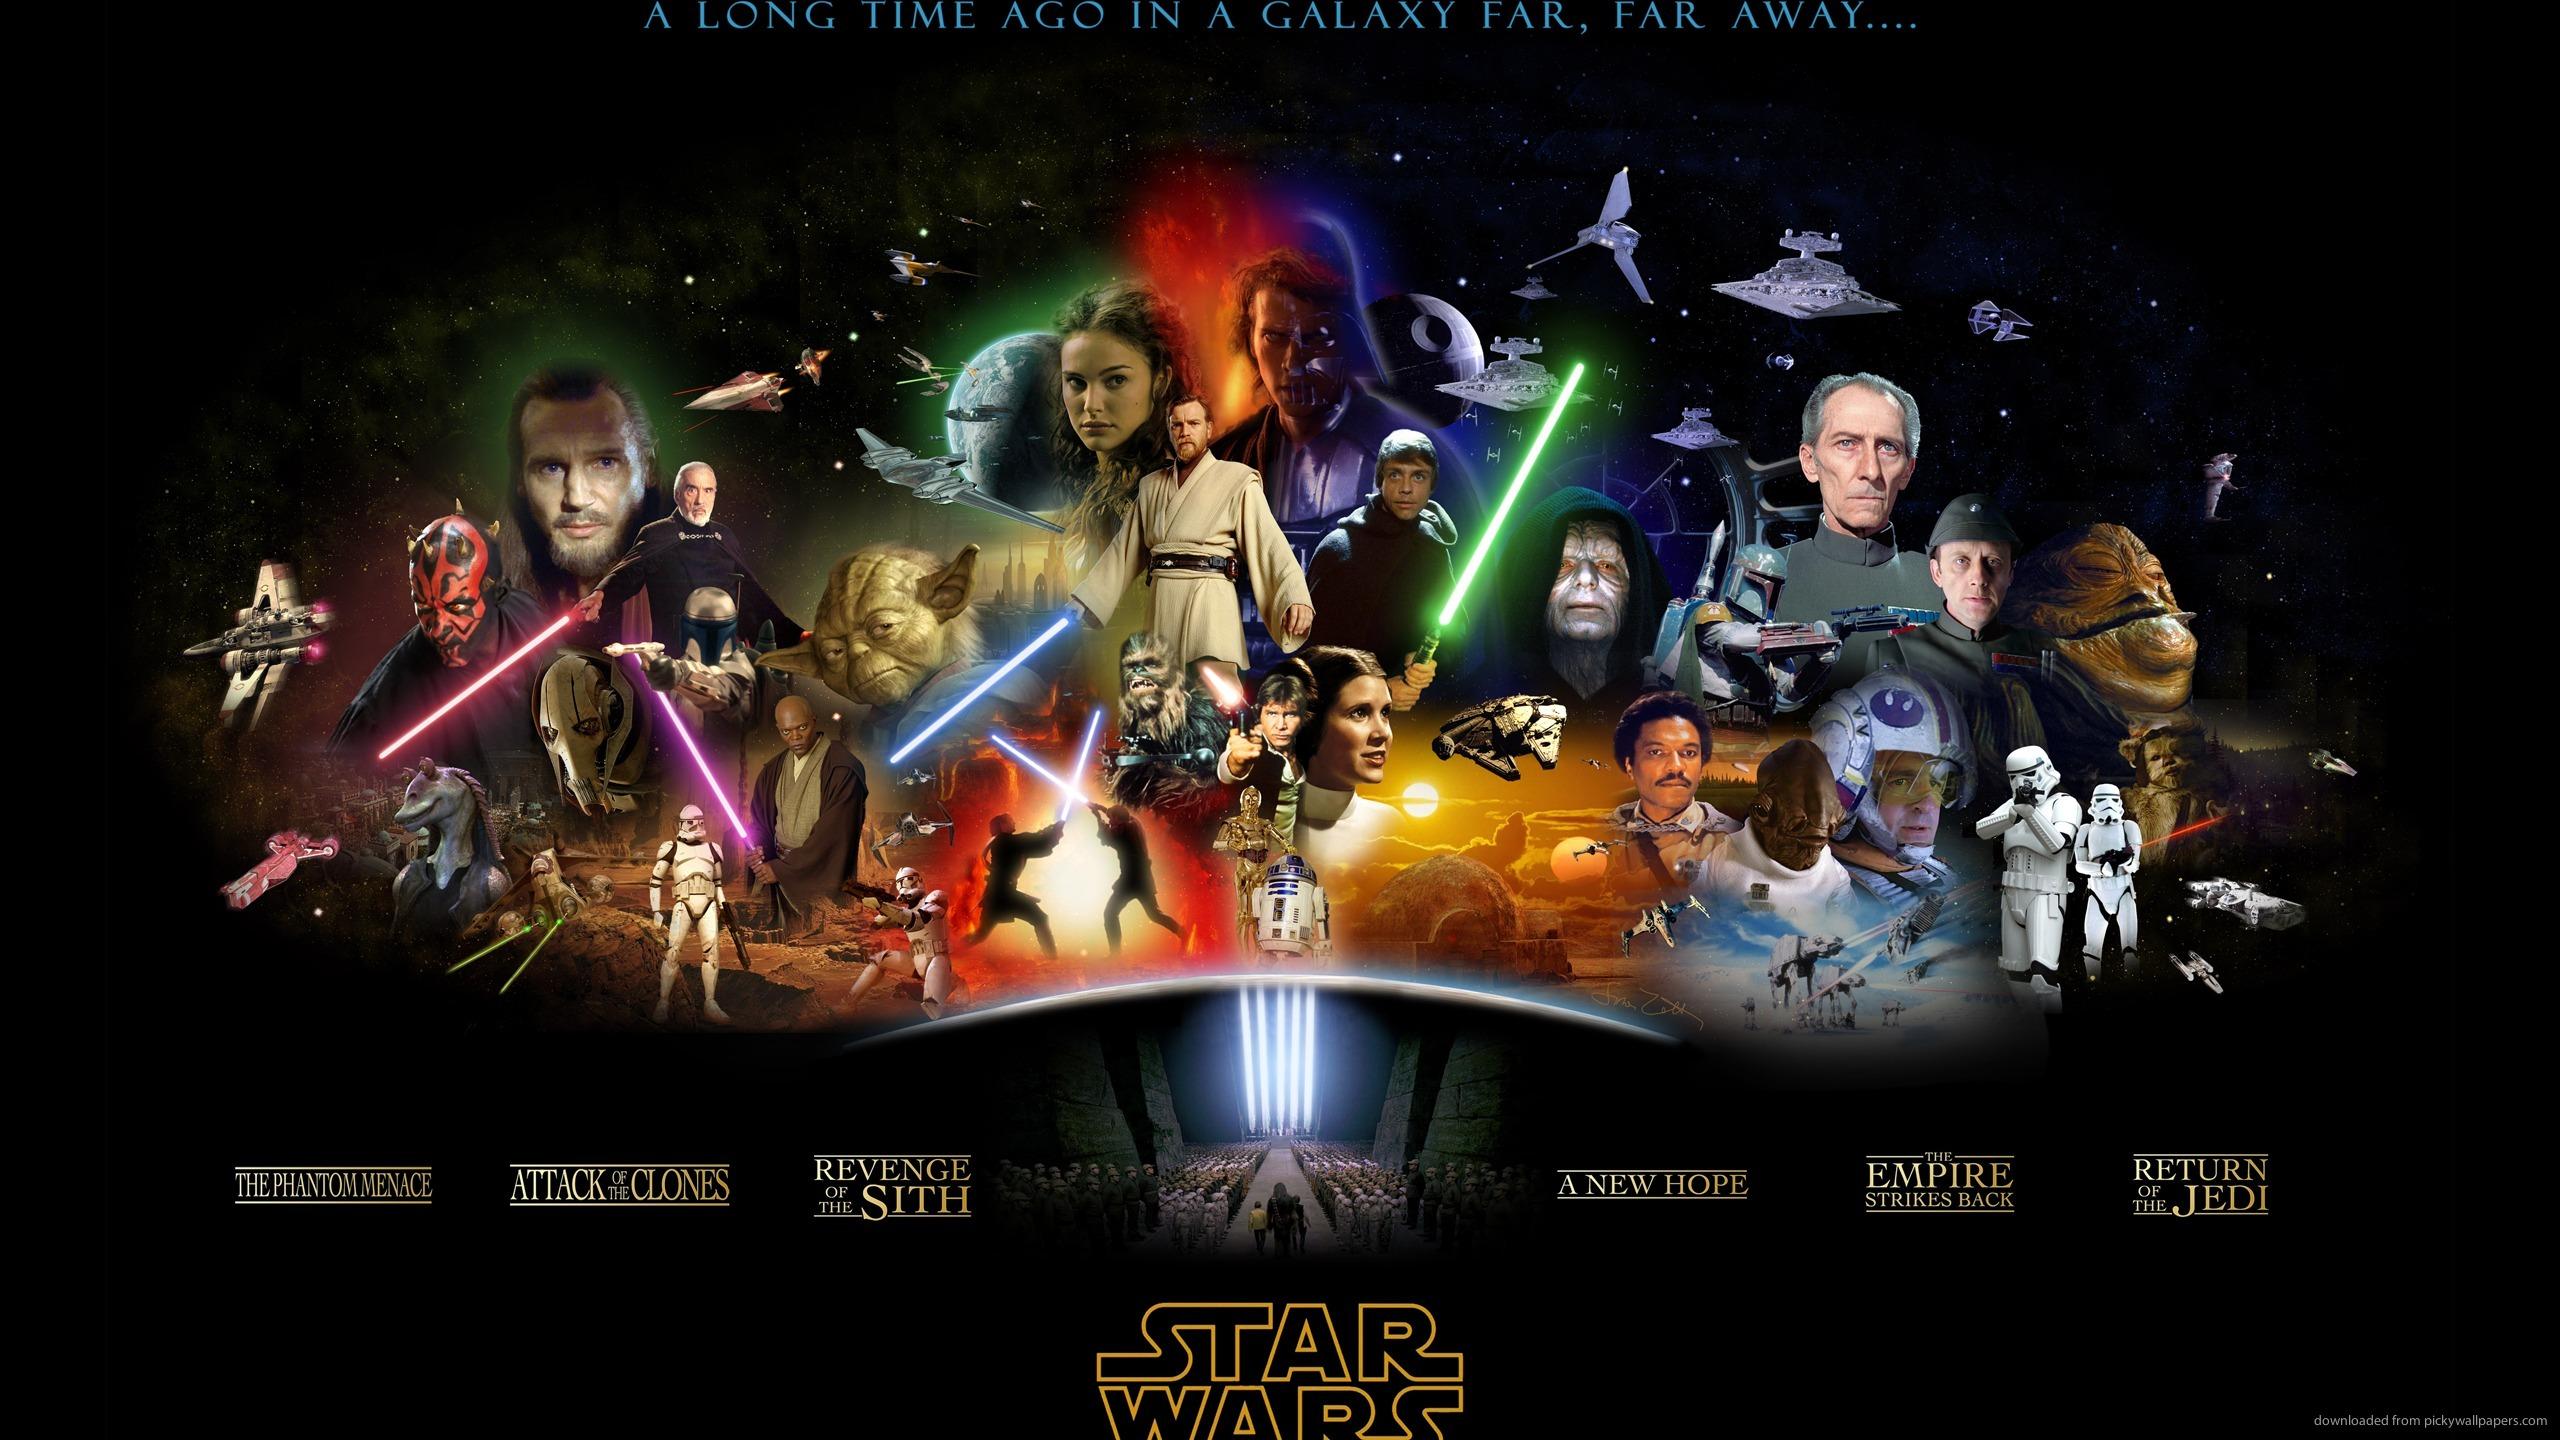 Звездные войны - моменты для вдохновения общая картинка